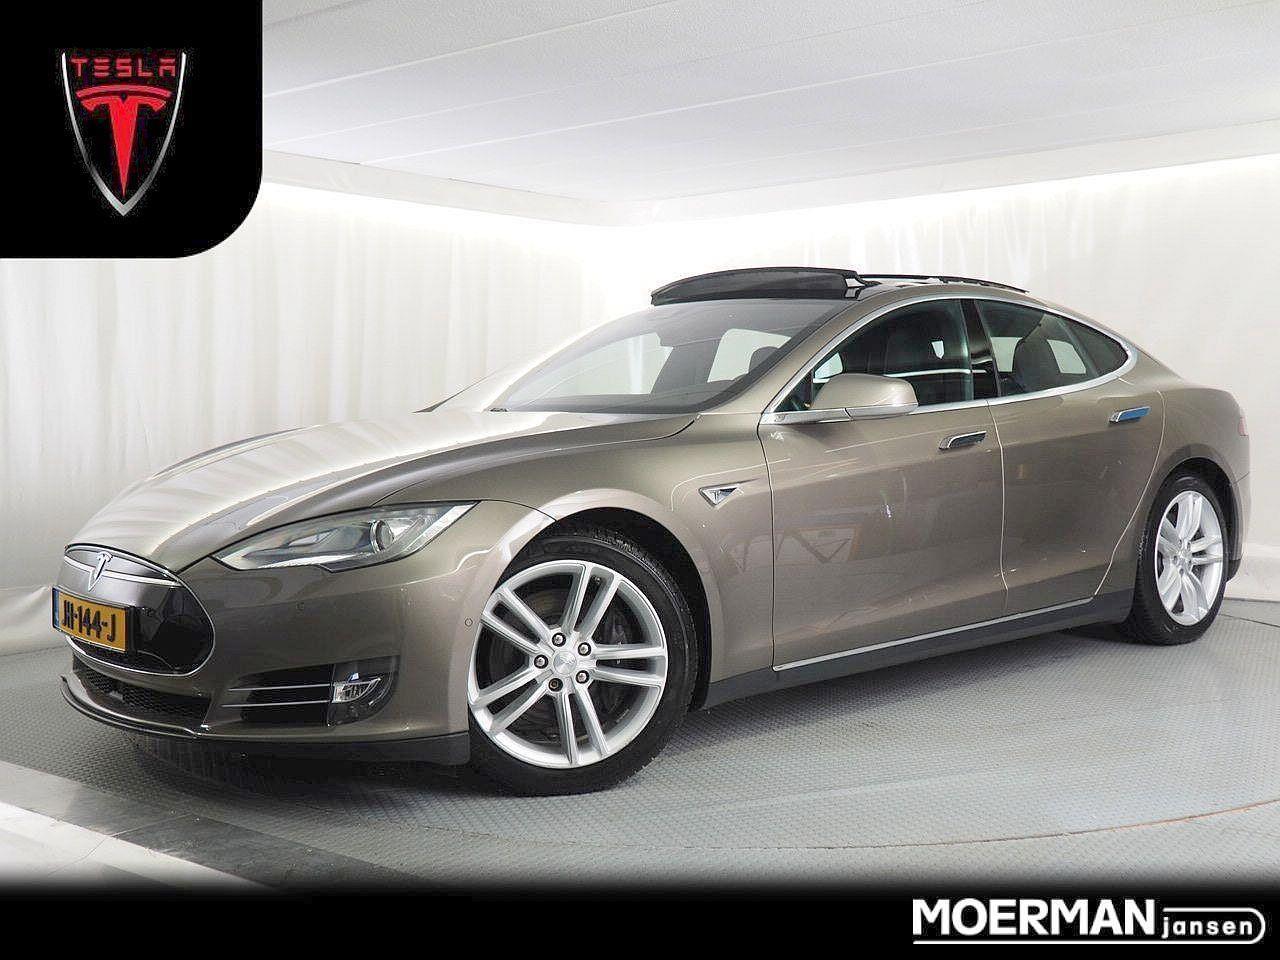 Tesla Model s 70d luxus / 1e eigenaar / 41.000km / panorama dak / lederen interieur / autopilot / excl. btw